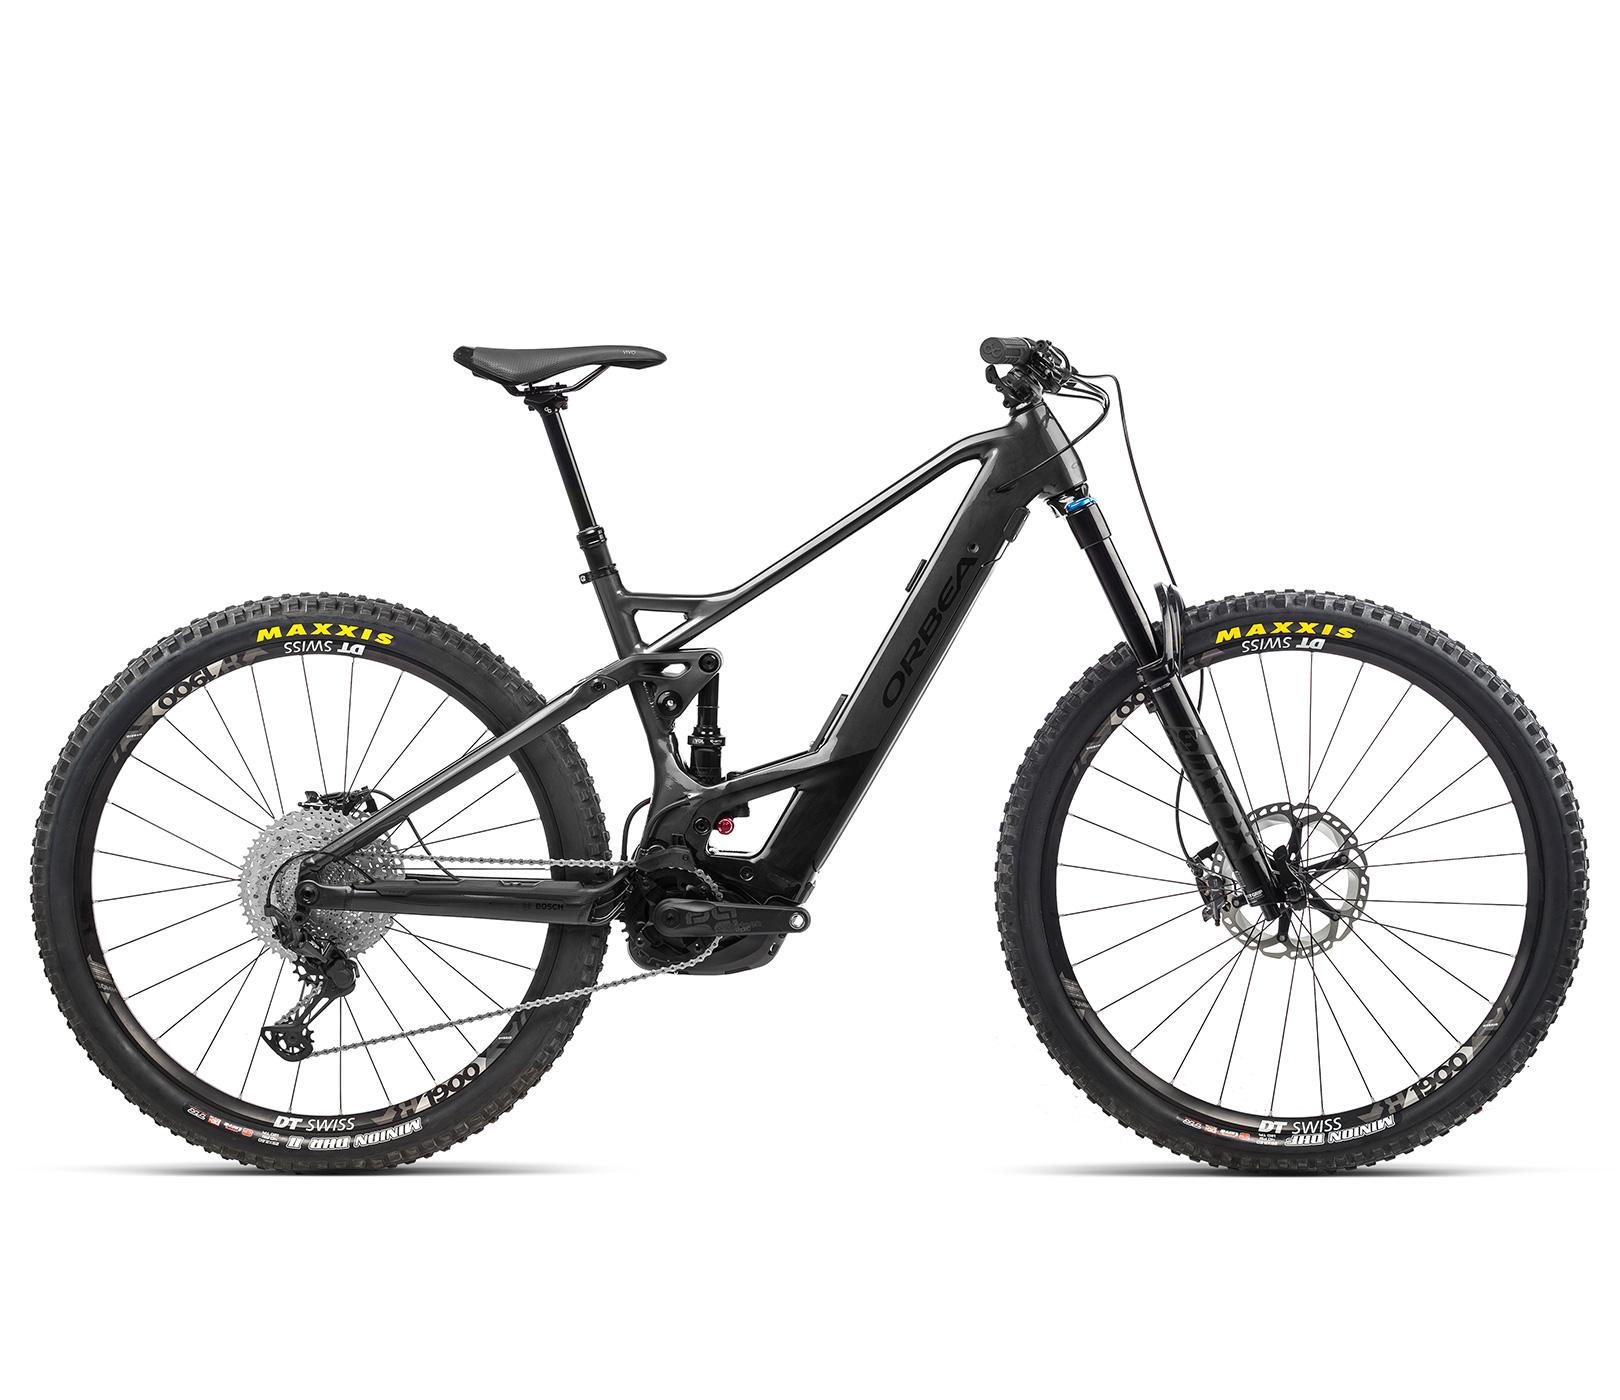 Santa Cruz Stigmata Cc Rival 700c Gravel Bike 2021 Midnight Green